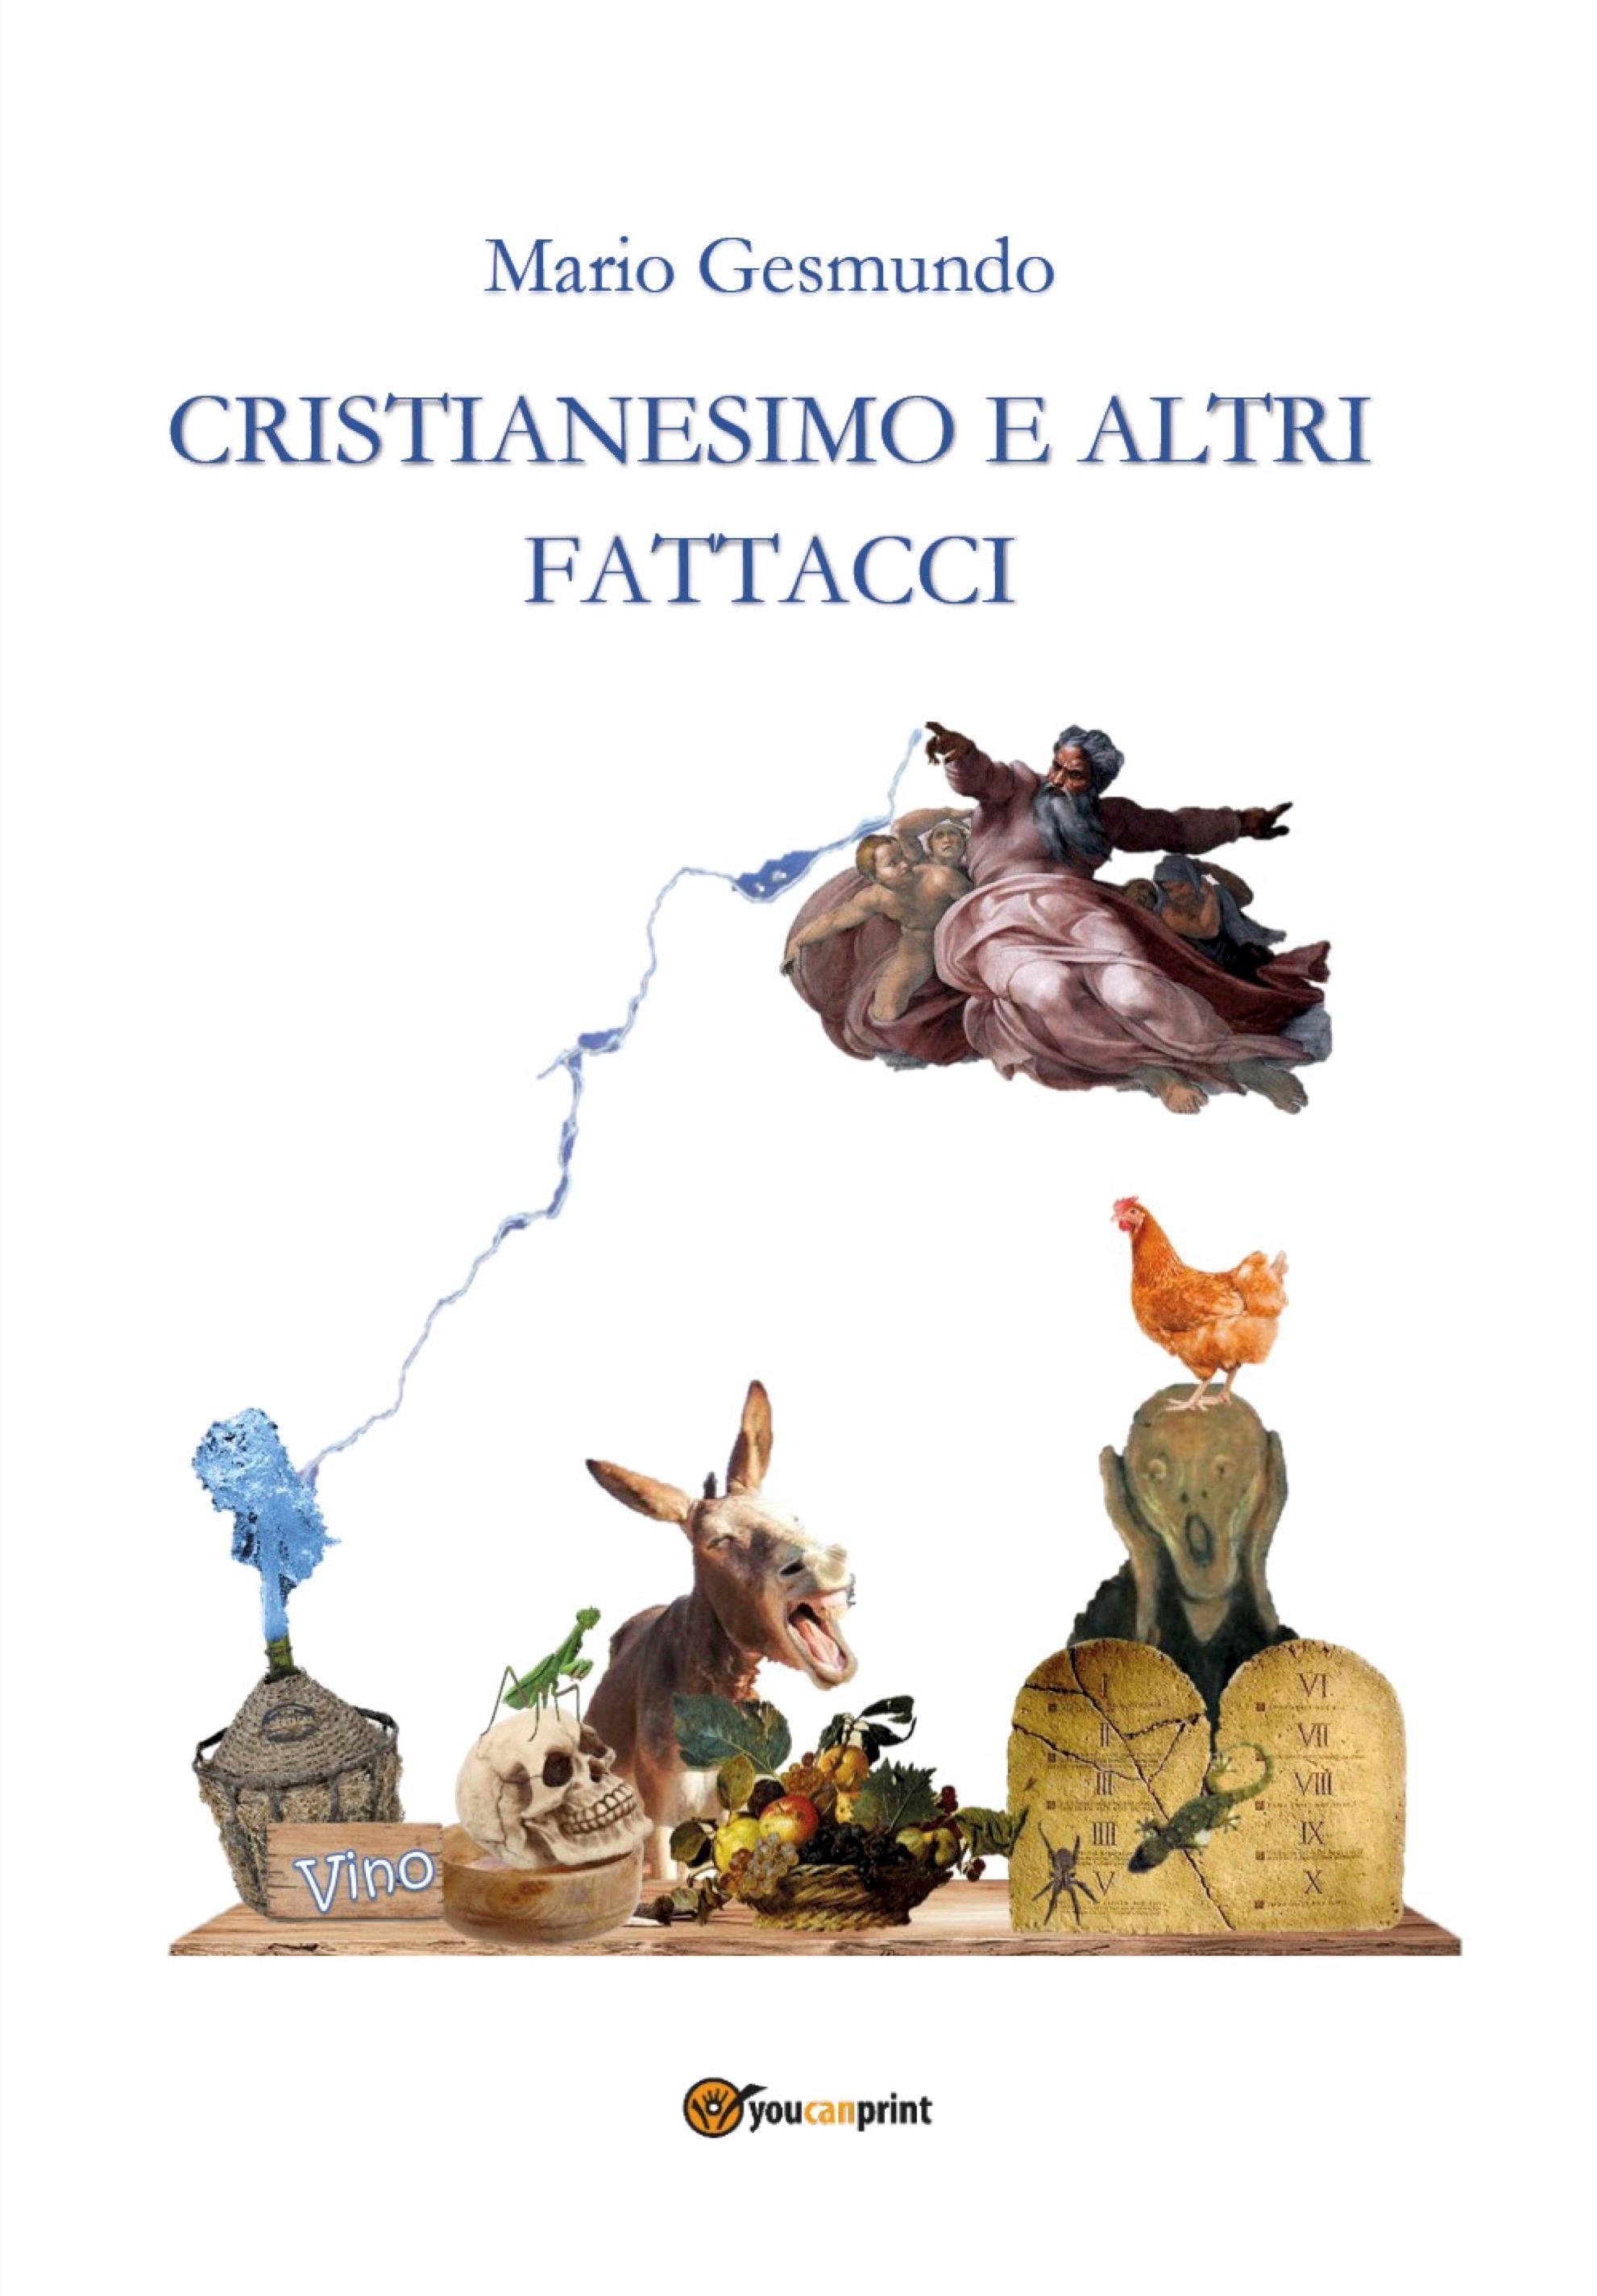 Cristianesimo e altri fattacci